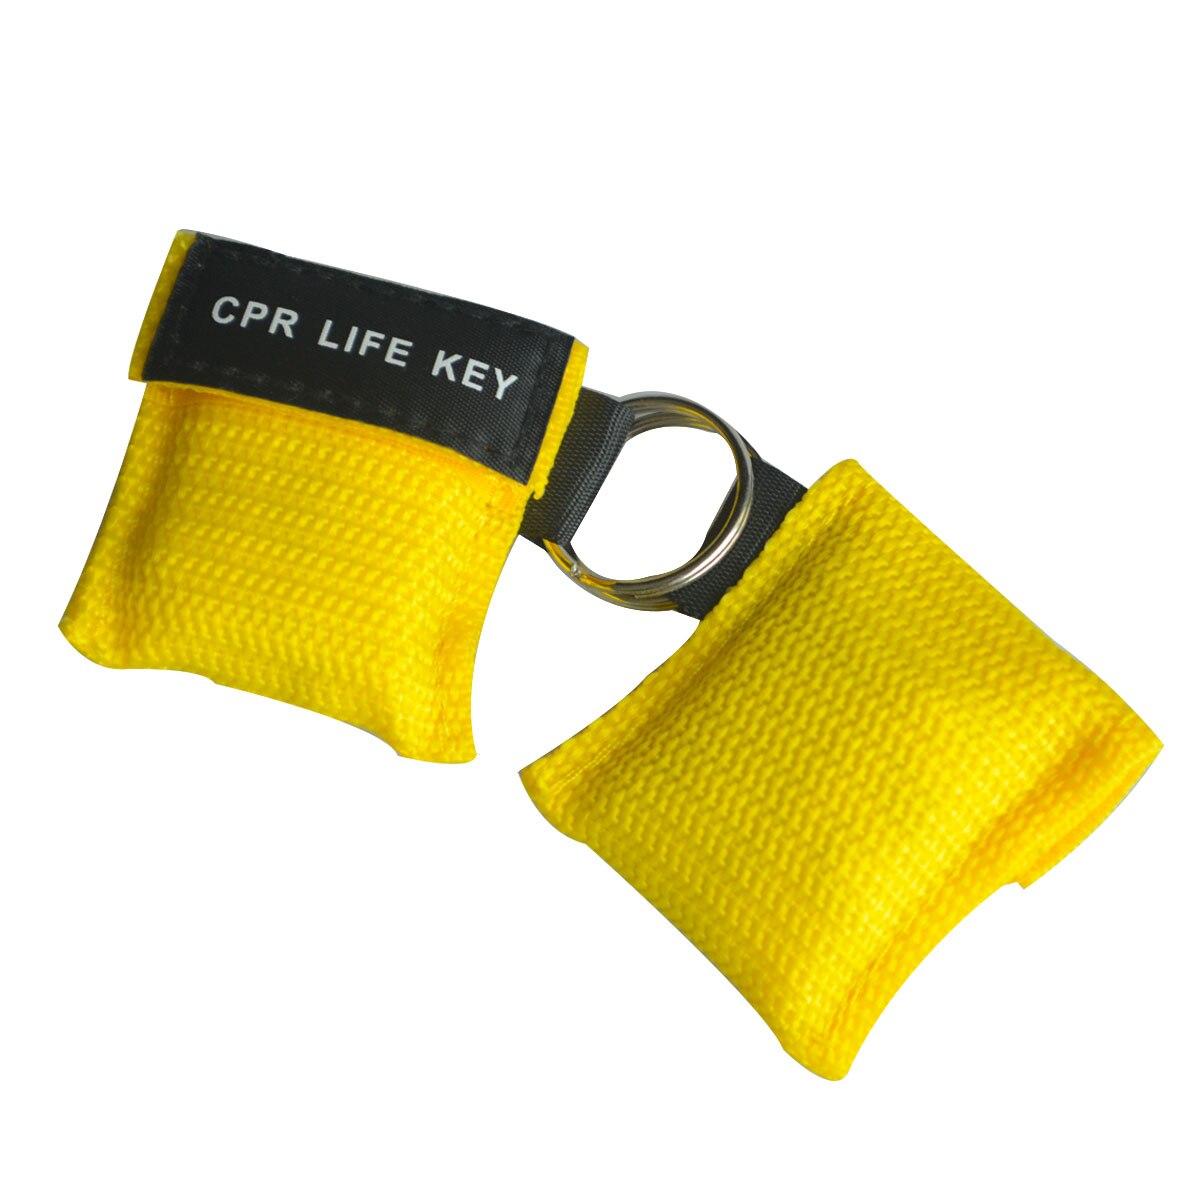 850 pièces masque de premiers soins rcr réanimation rcr porte-clés Kit de sauvetage d'urgence avec Valve à sens unique avec pochette en Nylon jaune